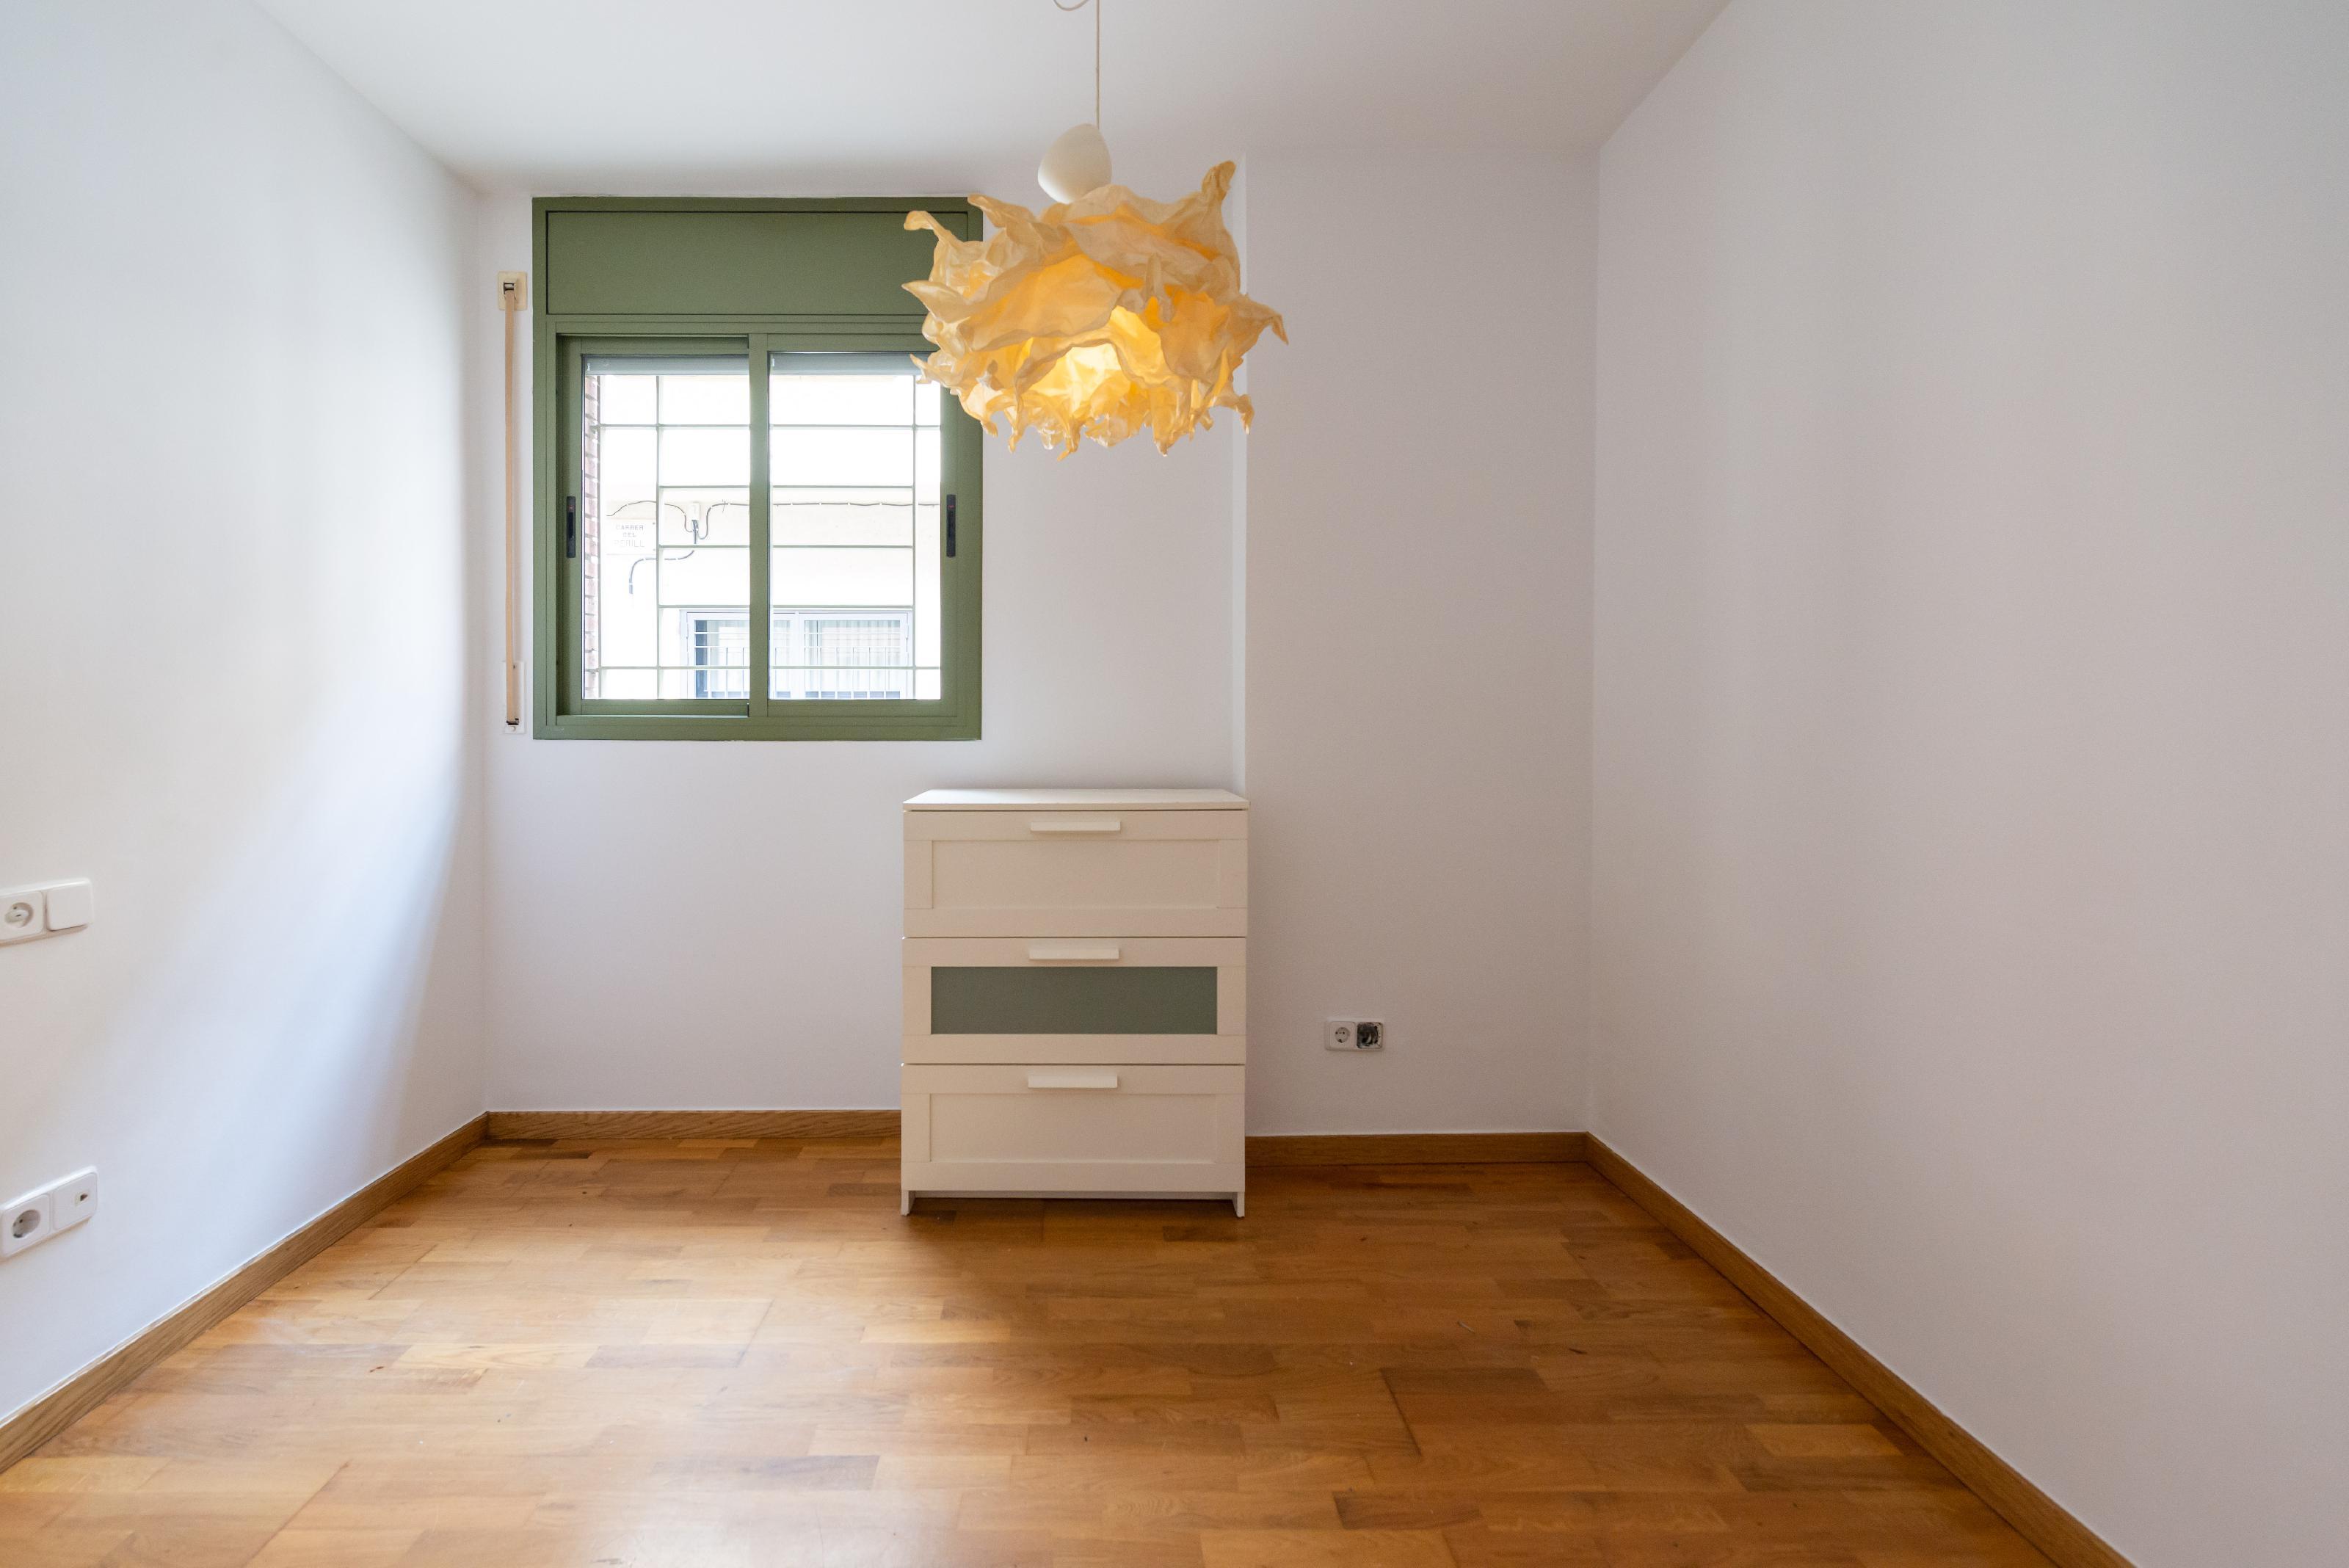 249634 House for sale in Gràcia, Vila de Gràcia 17